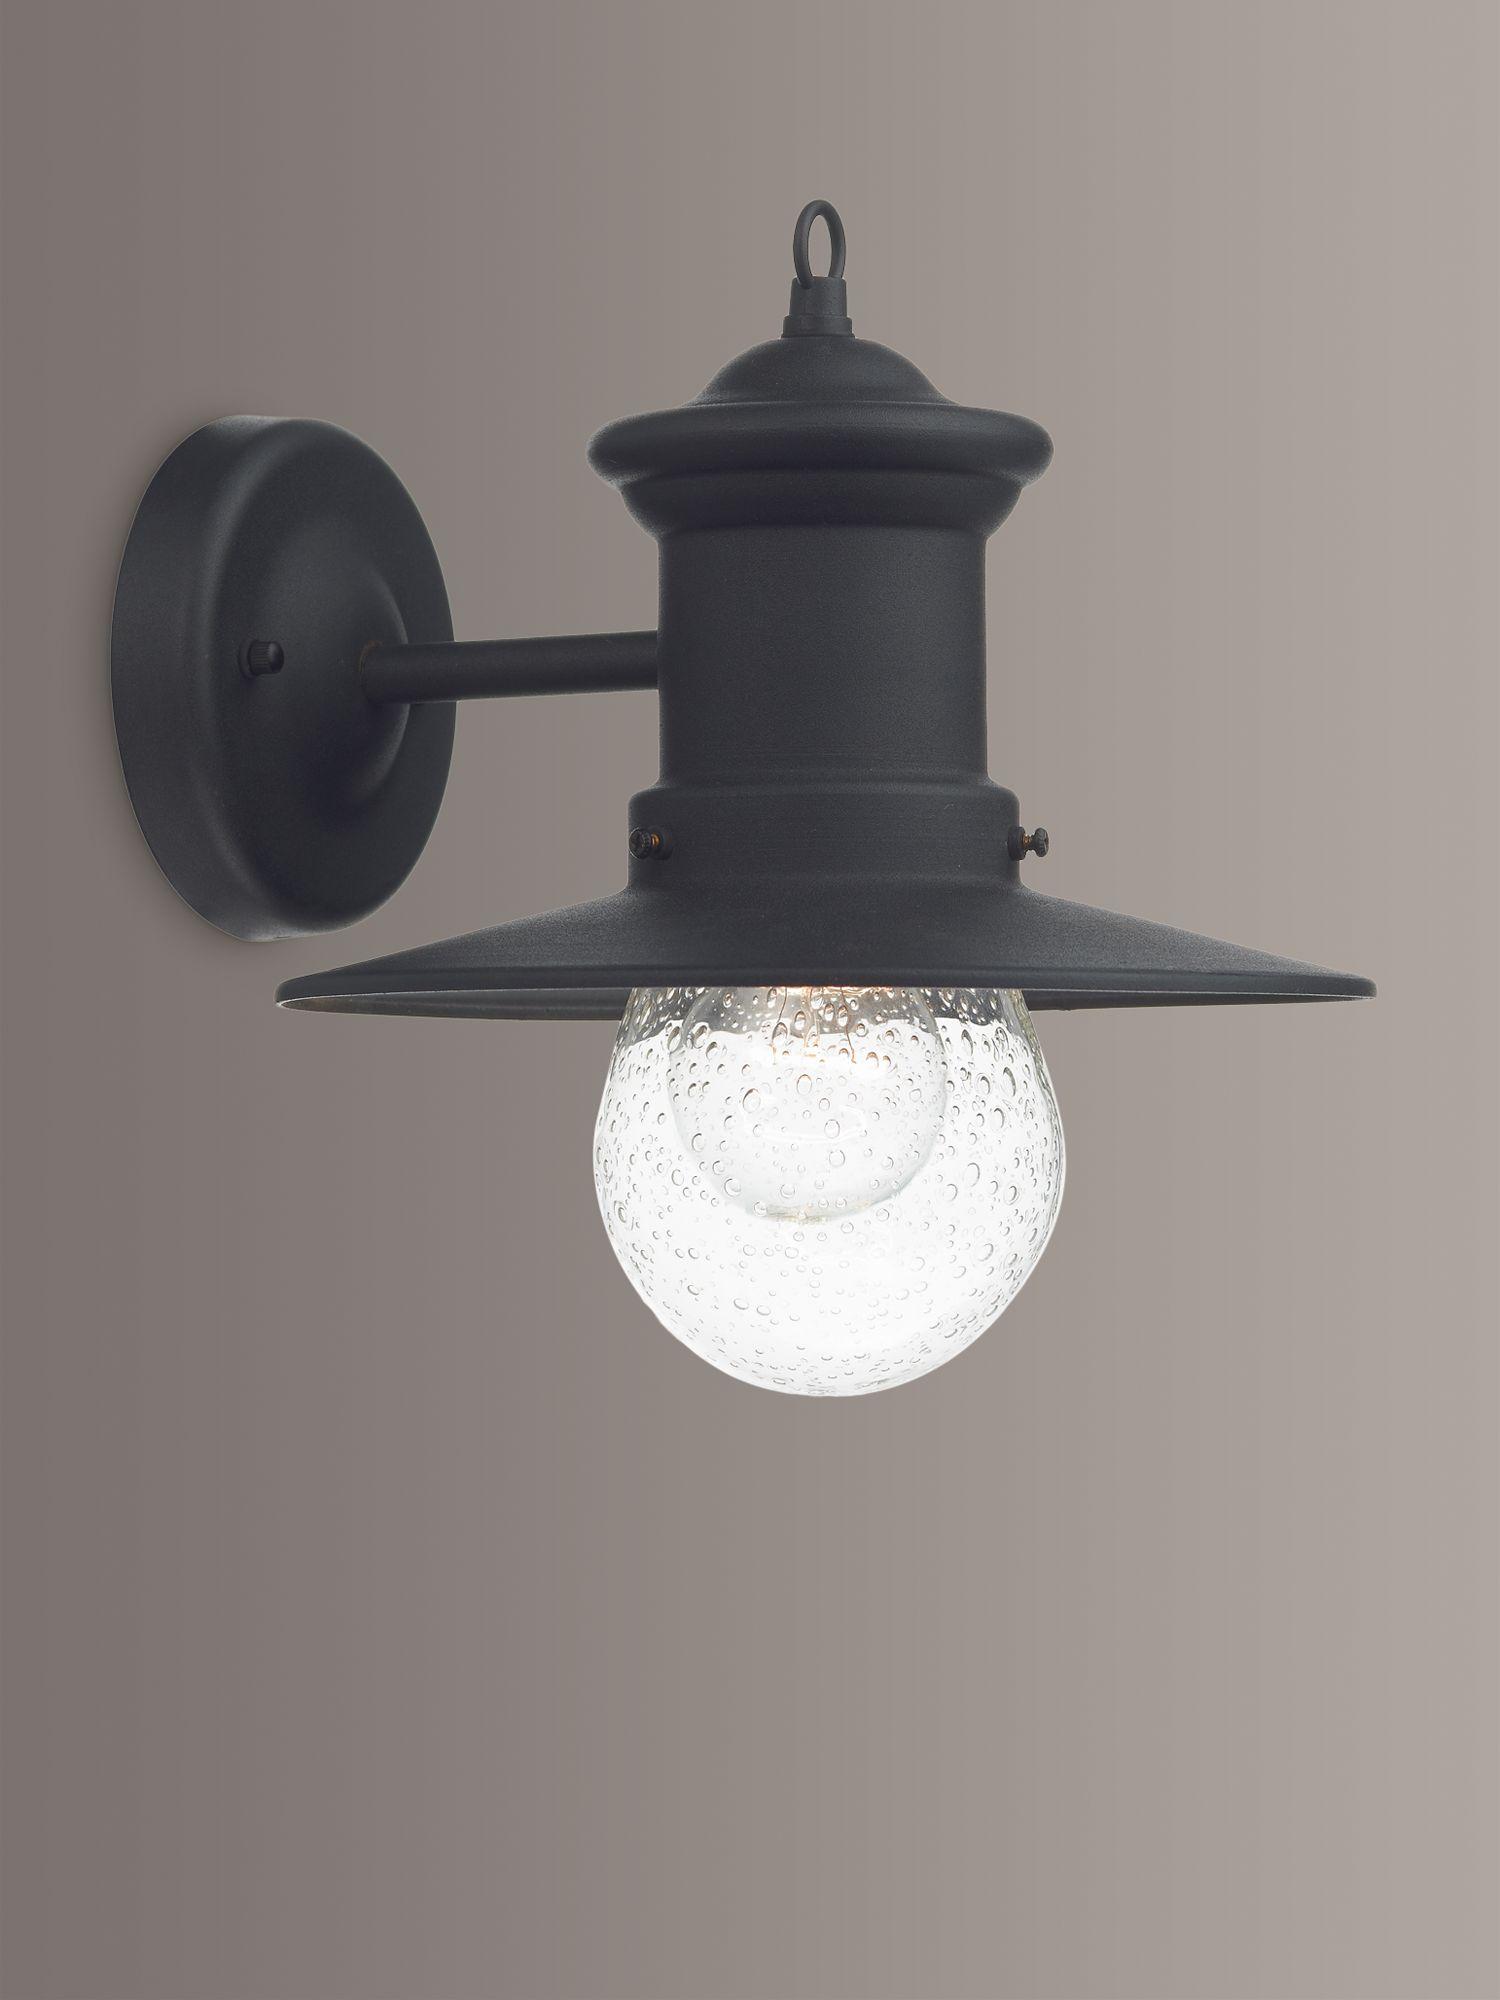 Där Sedgewick Indoor/Outdoor Wall Light